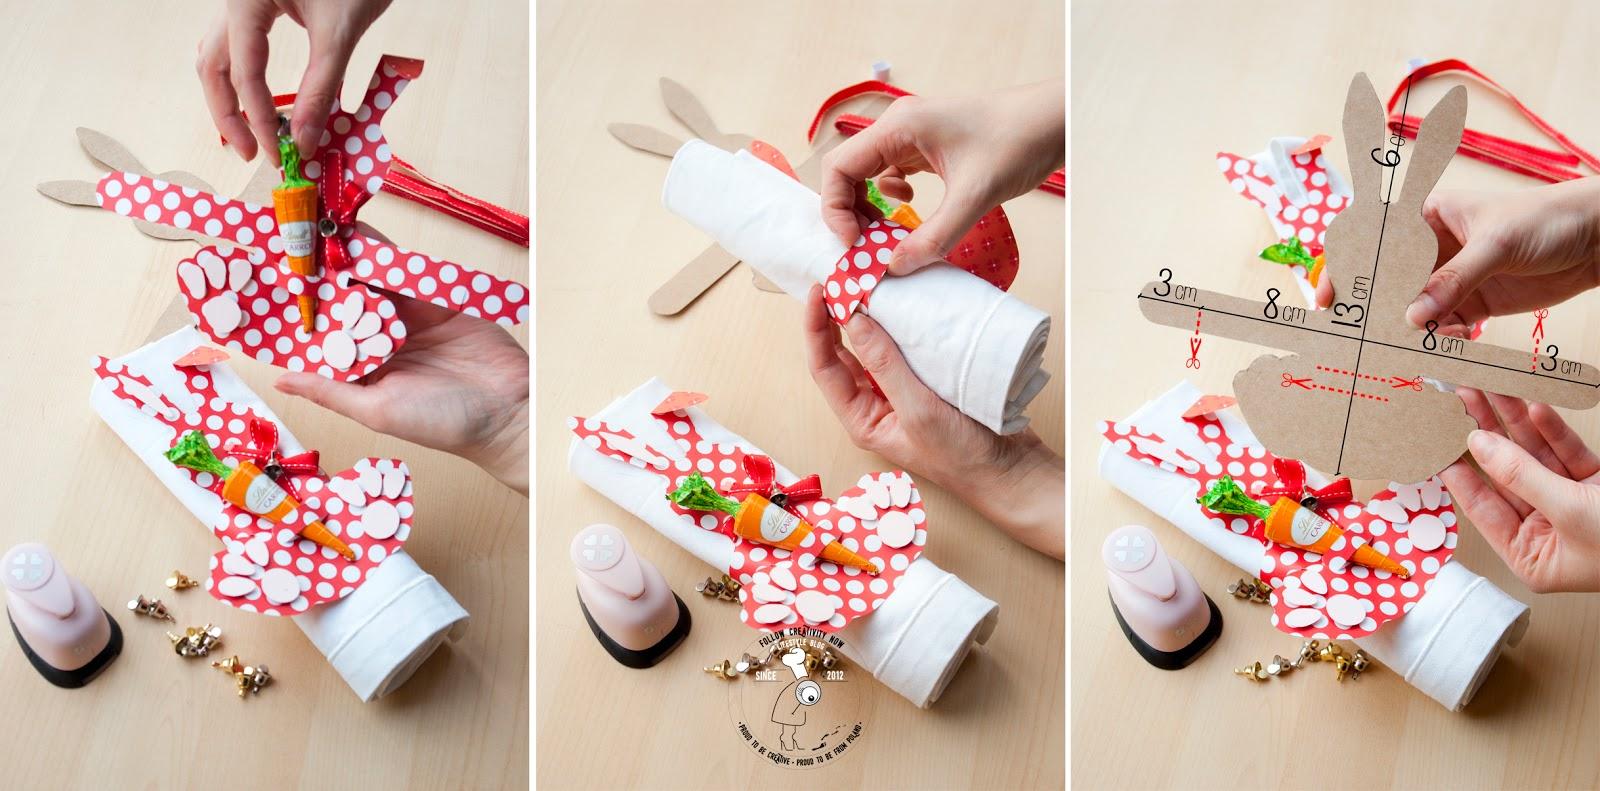 Diy Wielkanocne Dekoracje Serwetniki Follow Creativity Now